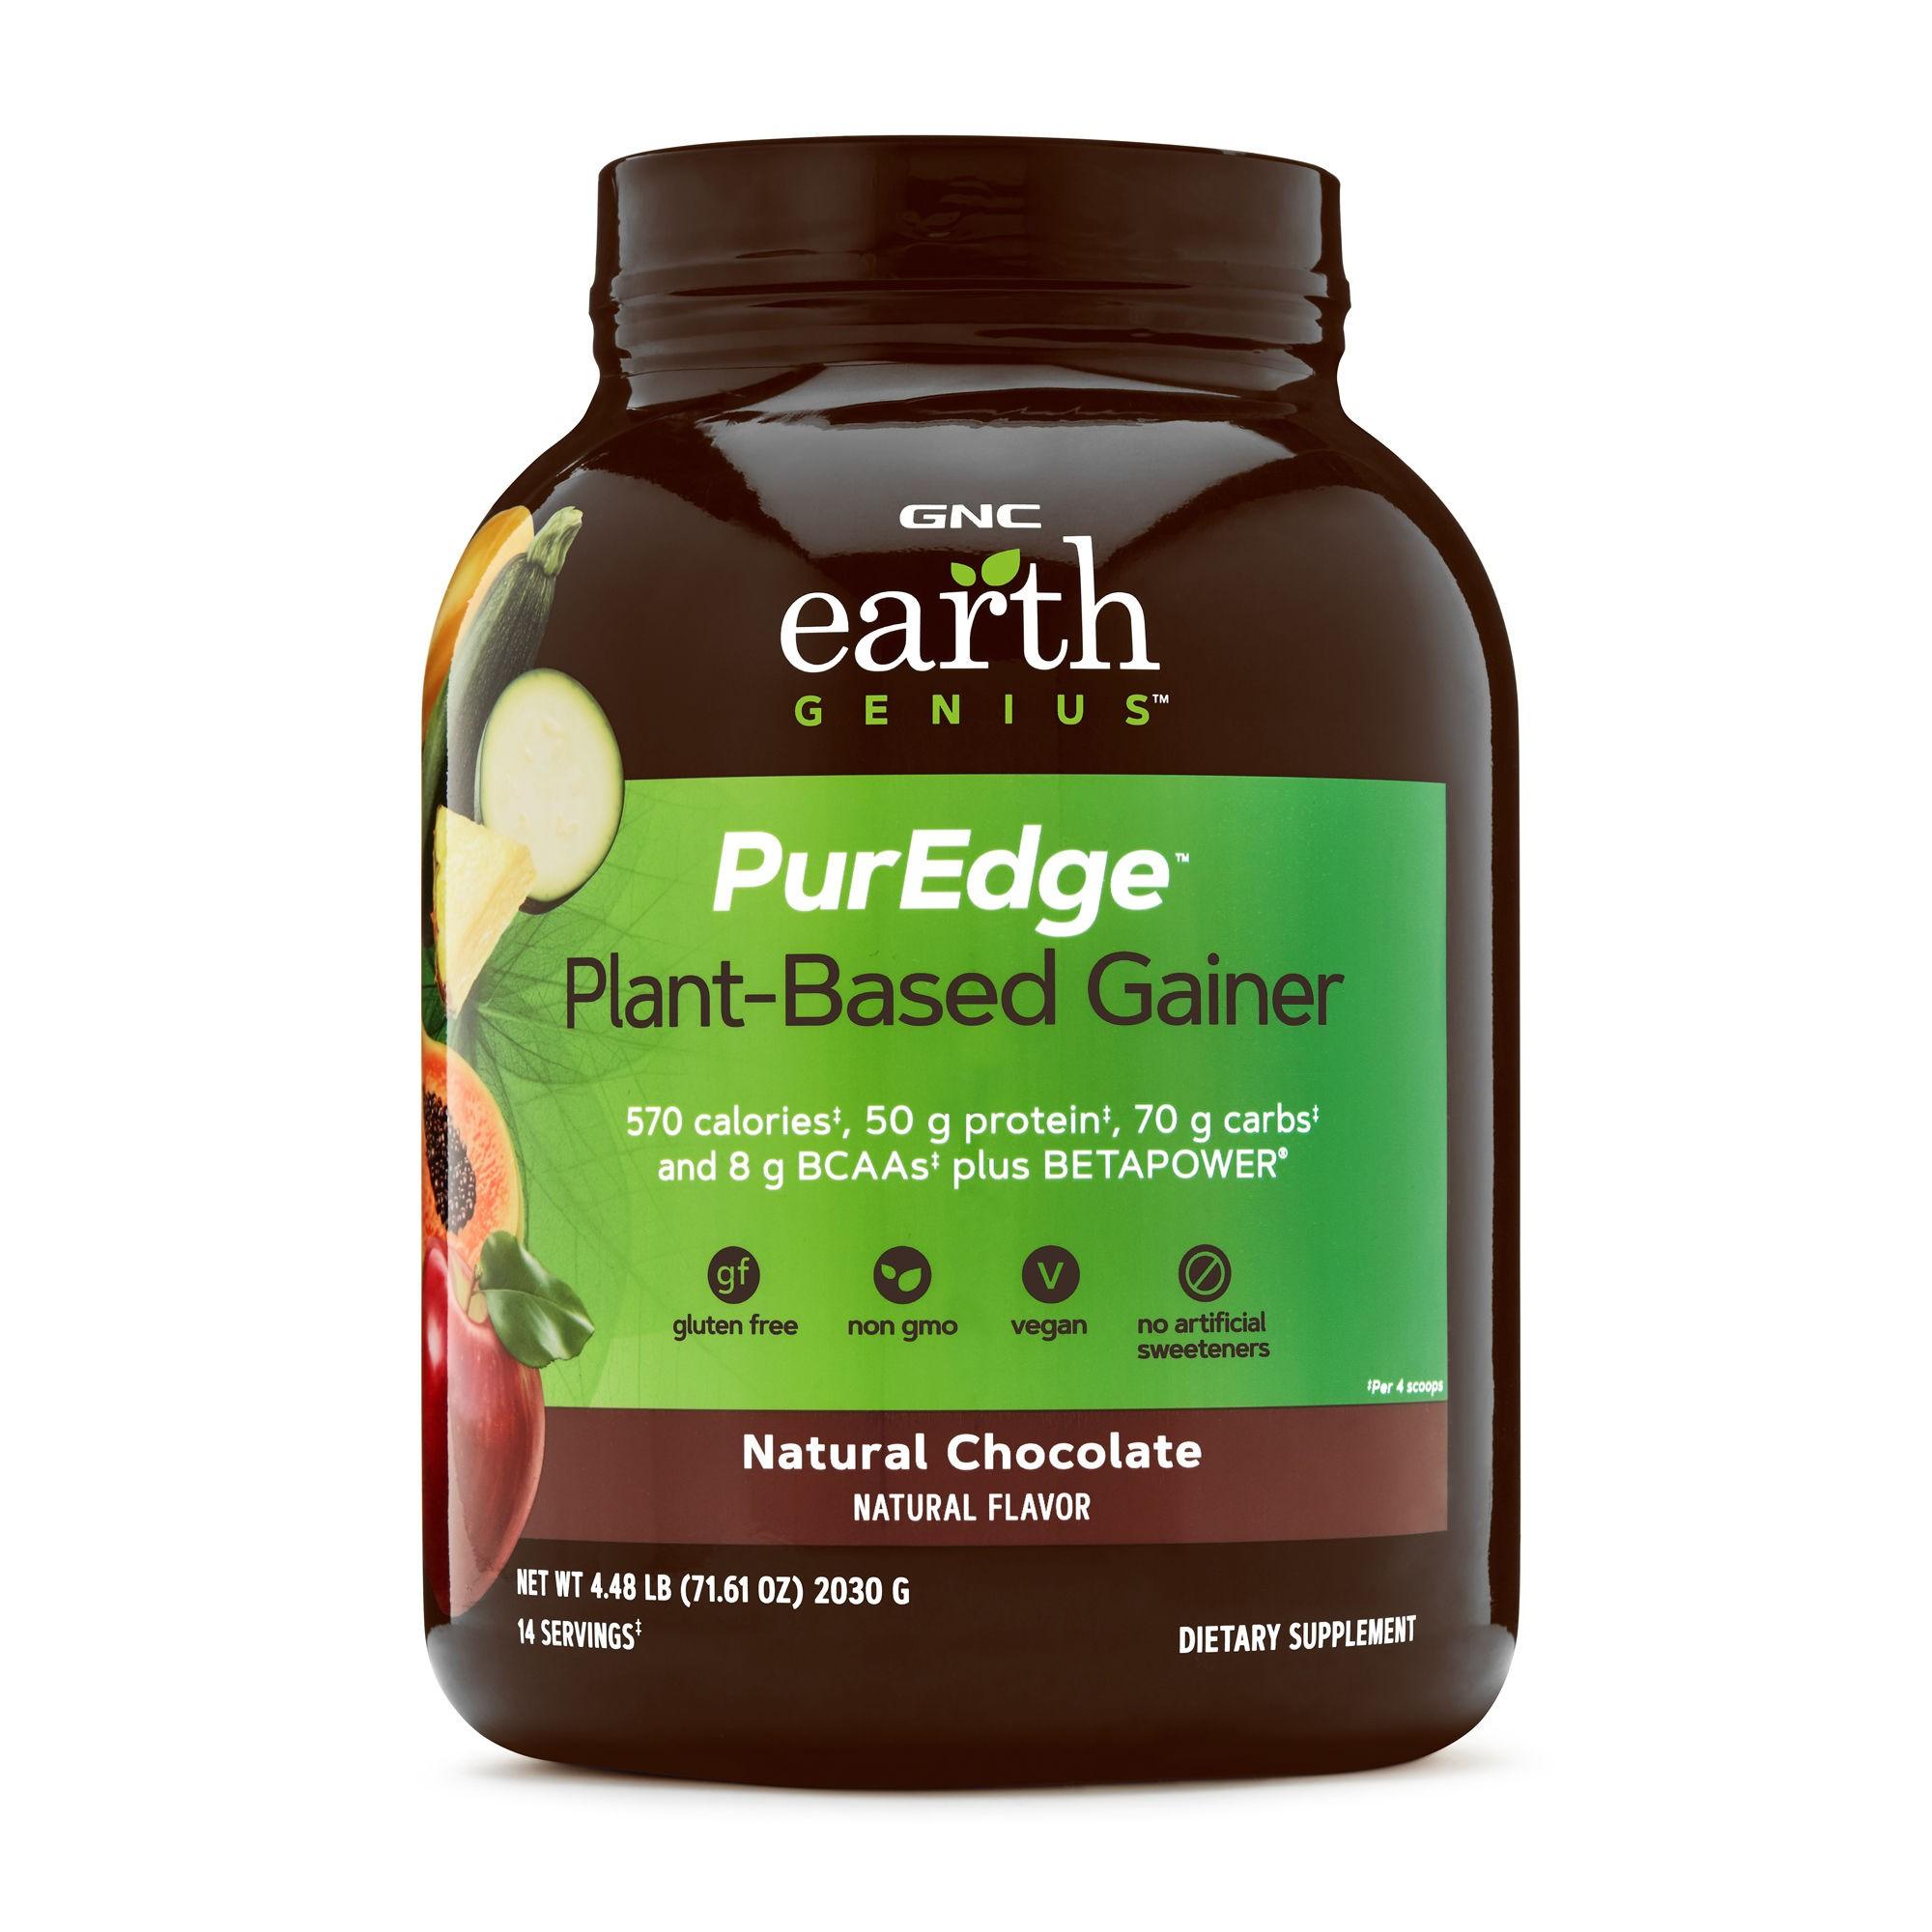 GNC Earth Genius™ PurEdge™ Plant-Based Gainer, Proteina Vegana, cu Aroma de Ciocolata Naturala, 2030 g